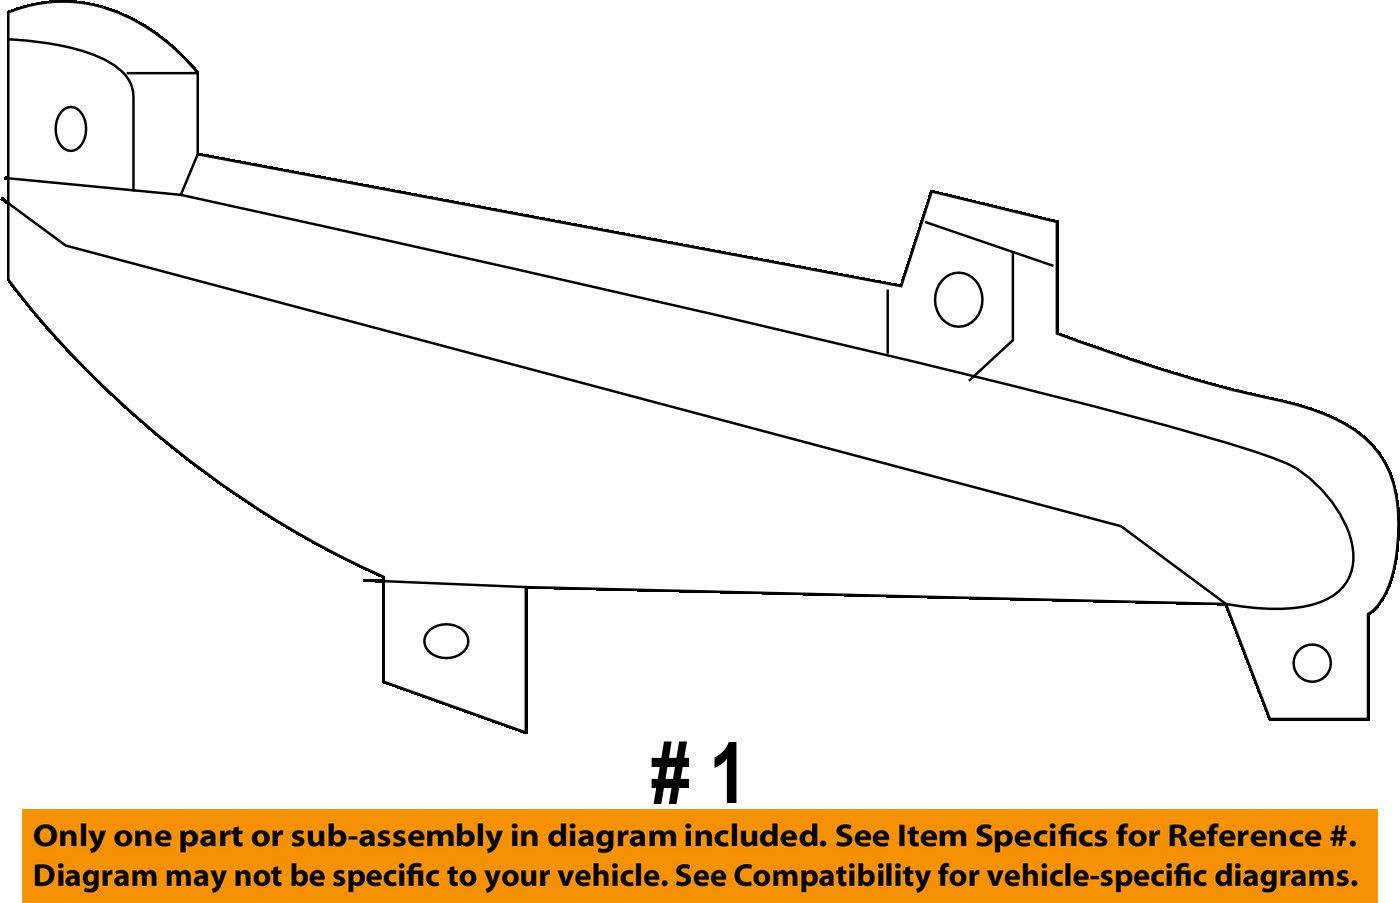 Genuine Hyundai 92406-2W200 Reflector//Reflex Assembly Rear Right